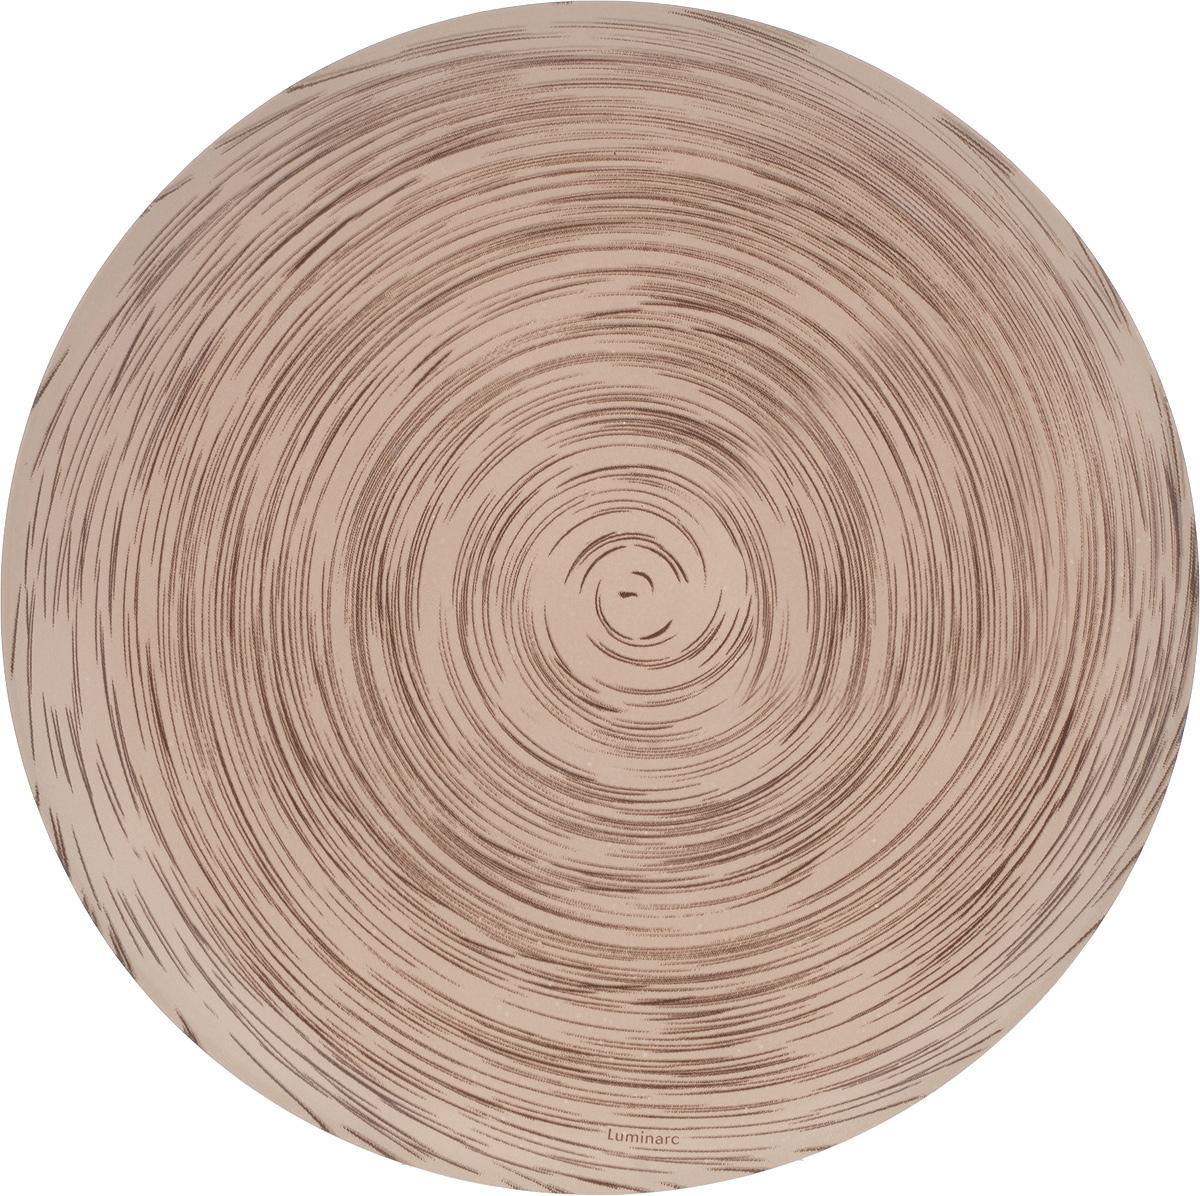 Тарелка десертная Luminarc Stonemania Cappuccino, диаметр 20 смОБЧ00000586_коричневый, красныйДесертная тарелка Luminarc Stonemania Cappuccino, изготовленная из высококачественного стекла, имеет изысканный внешний вид. Такая тарелка прекрасно подходит как для торжественных случаев, так и для повседневного использования. Идеальна для подачи десертов, пирожных, тортов и многого другого. Она прекрасно оформит стол и станет отличным дополнением к вашей коллекции кухонной посуды.Диаметр тарелки: 20 см.Высота тарелки: 1,5 см.